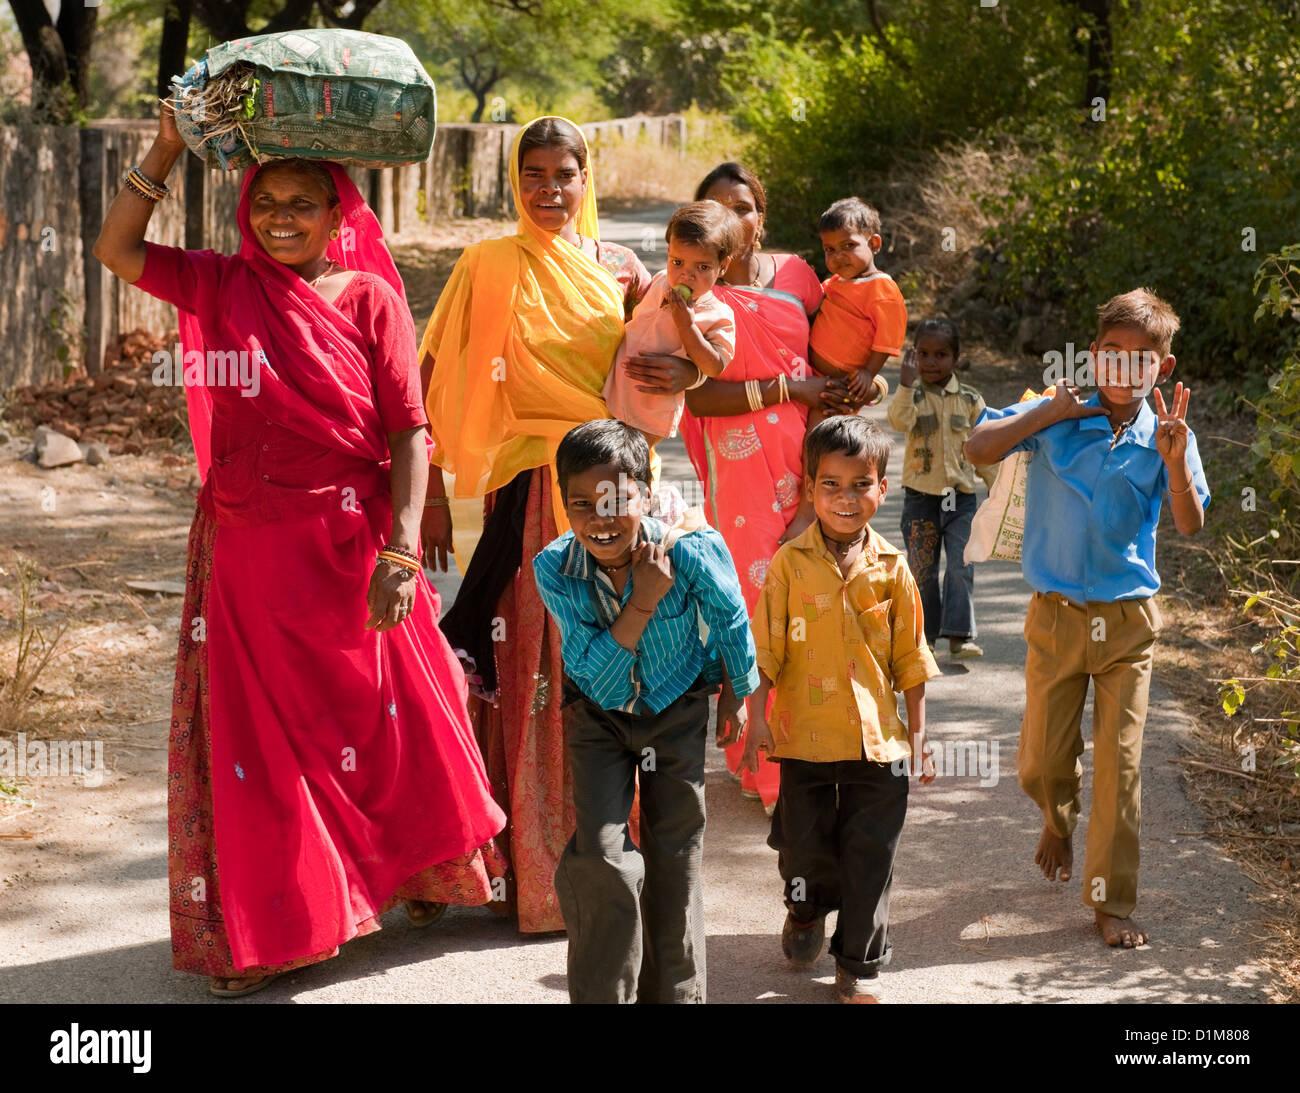 Eine glückliche lächelnde bunte indische Familie Gruppe von Frauen jungen Mädchen und ein Baby zurück Stockbild